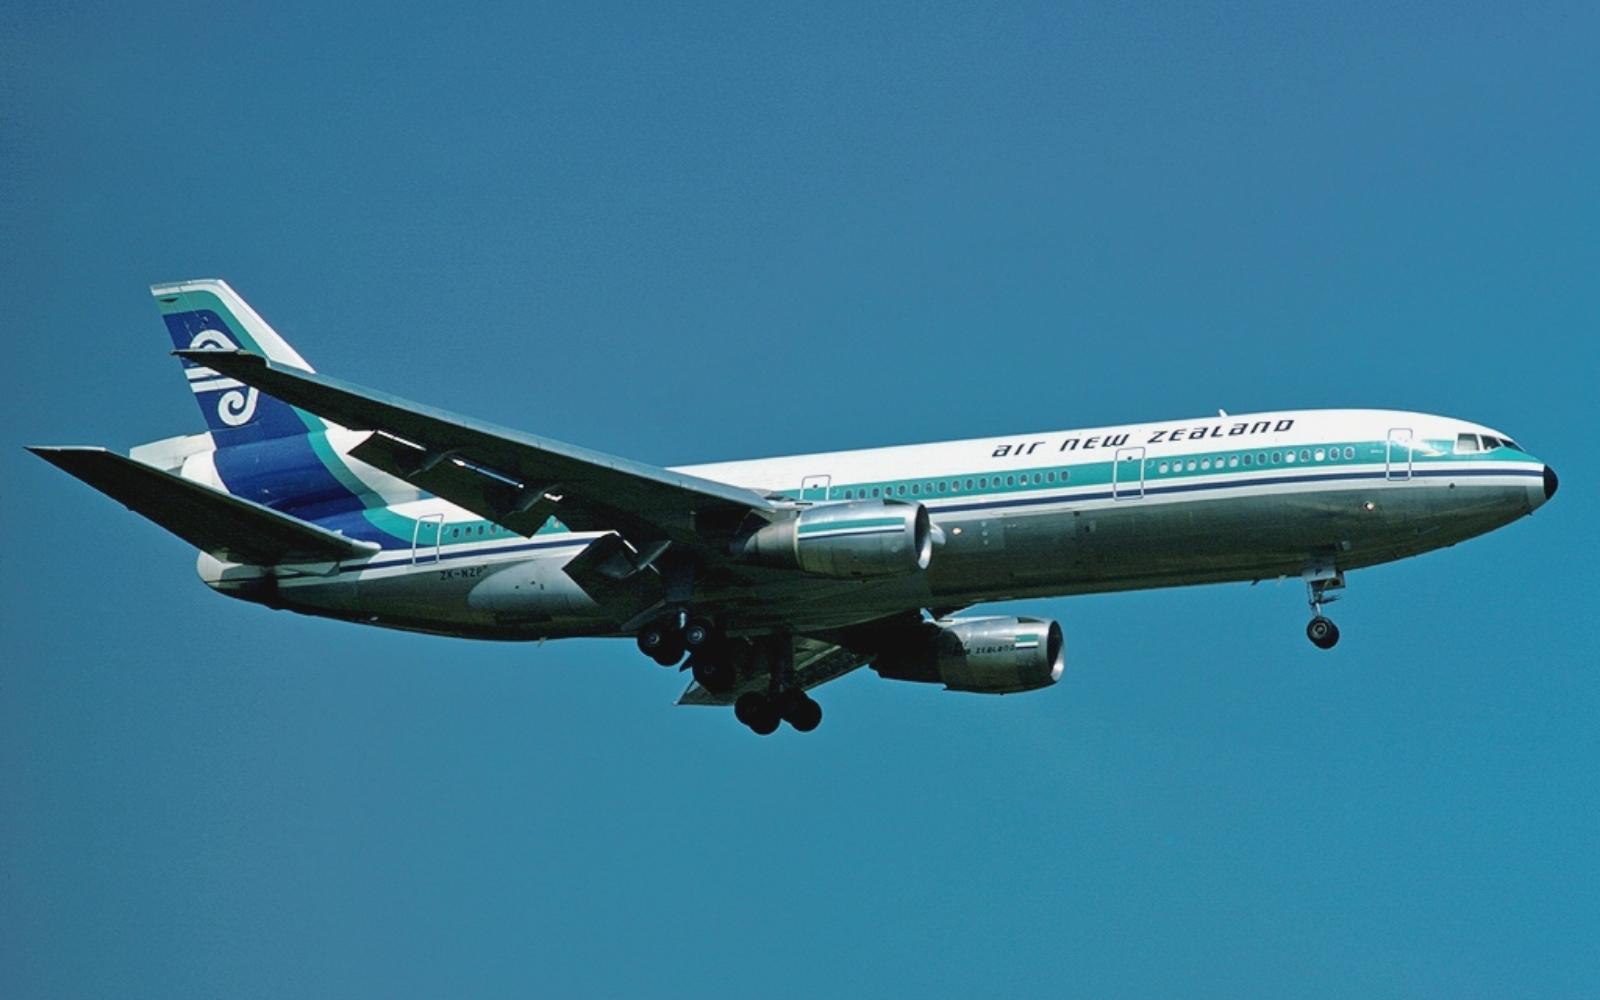 Vuelo 901 de Air New Zealand